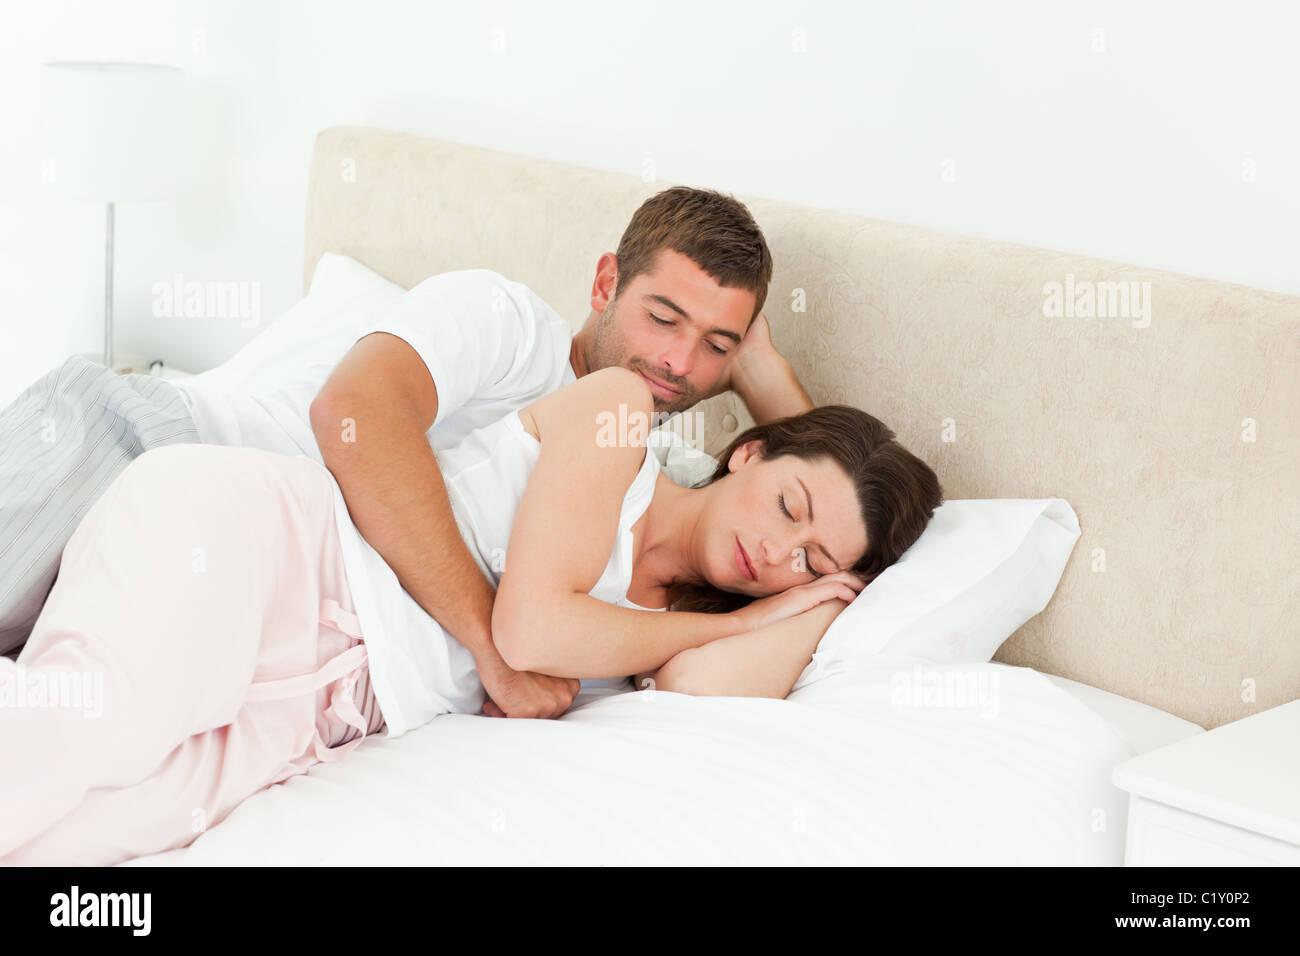 Leidenschaftlicher Mann Blick auf seine Freundin friedlich schlafend Stockbild